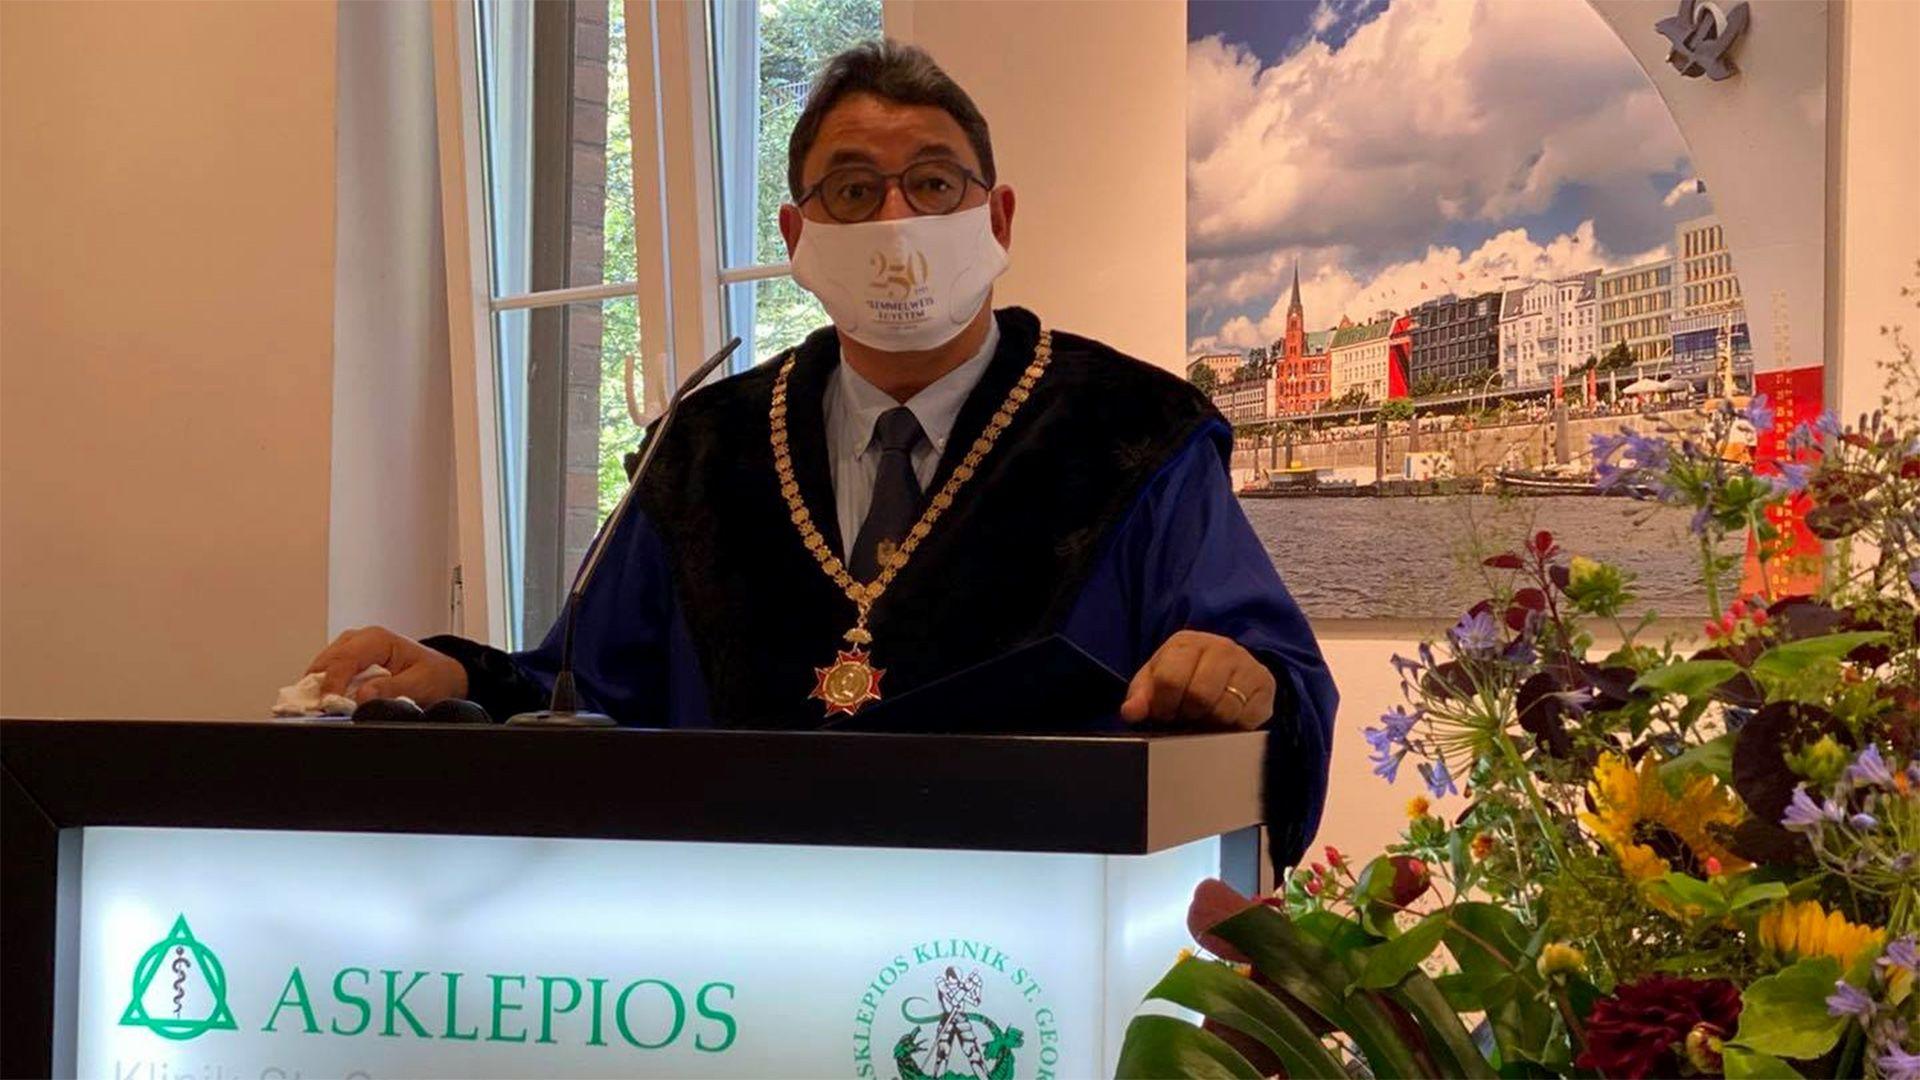 dr. Merkely Béla is megcsináltatta a koronavírus-tesztet